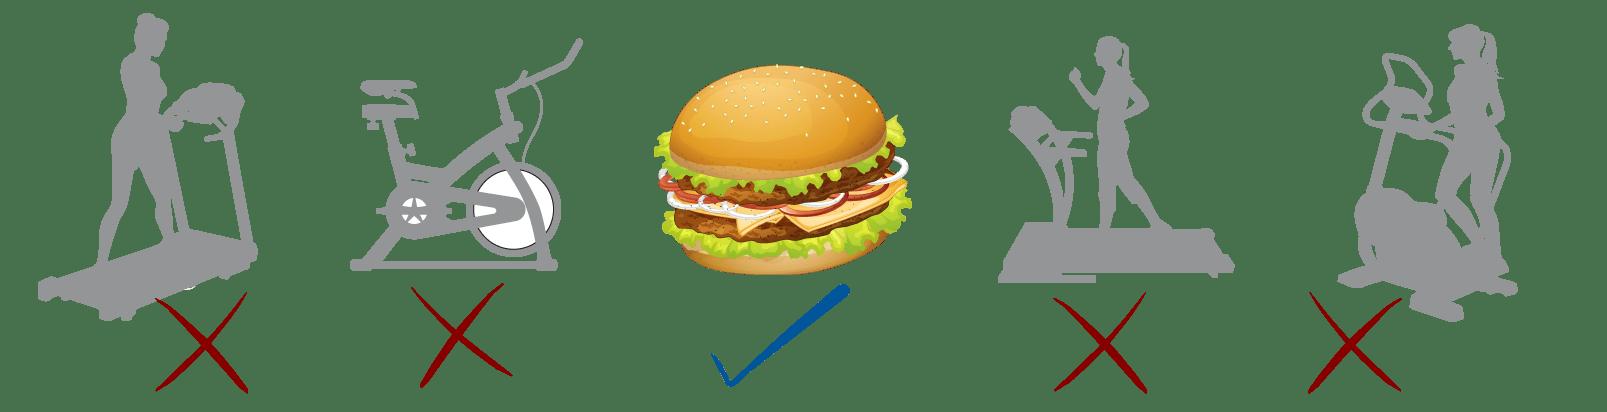 Best weight loss tip. Hamburger clipart abundance